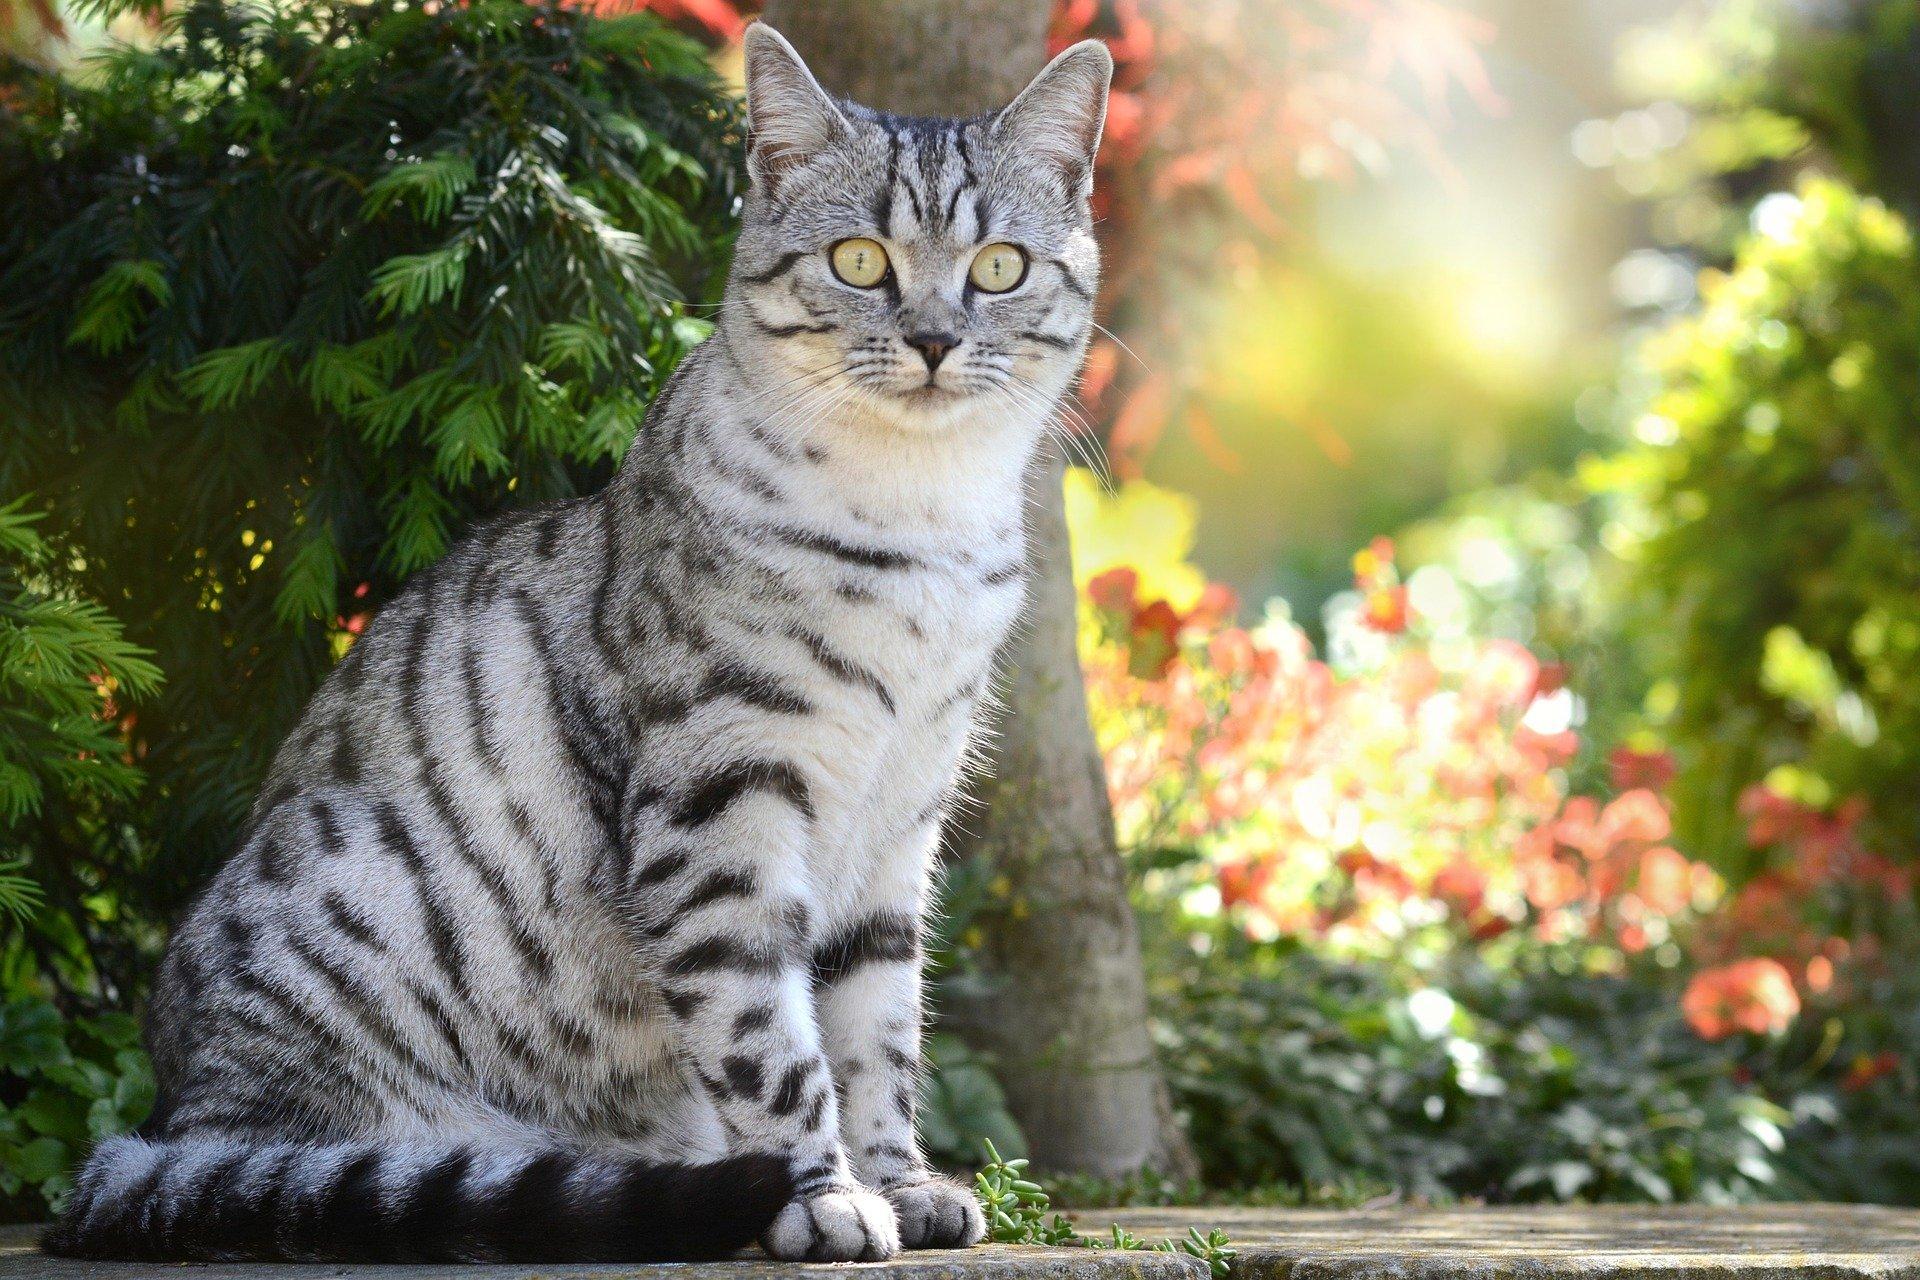 Malattie del gatto: l' insufficienza renale nel gatto